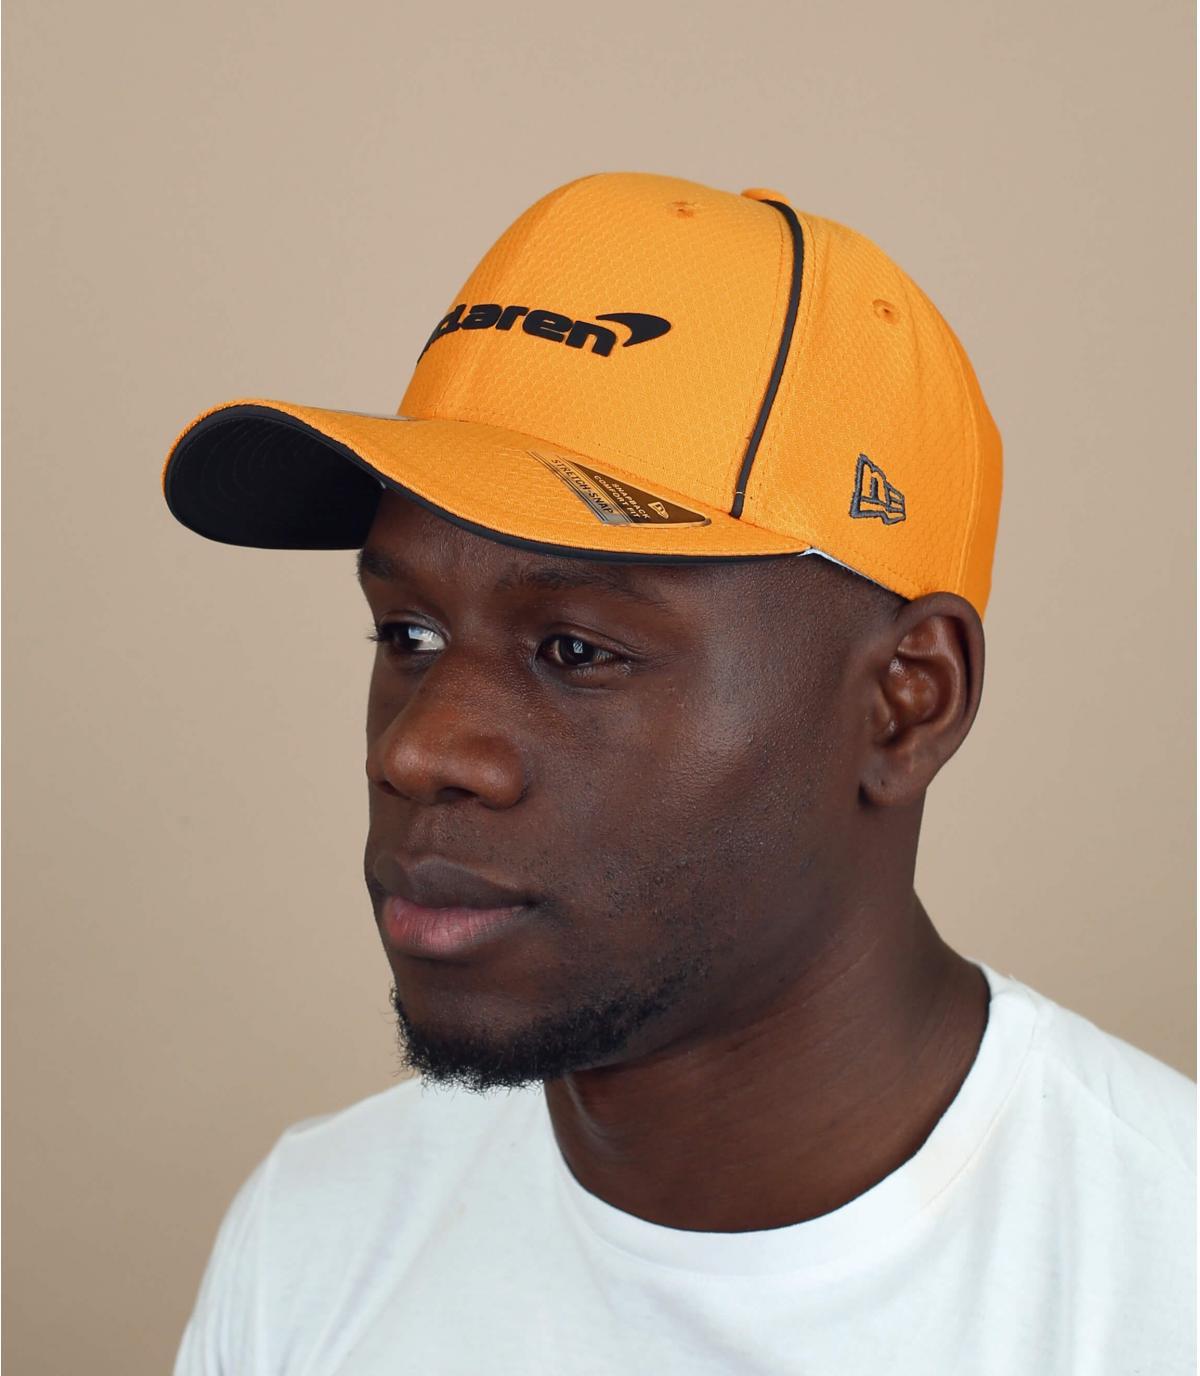 gorra McLaren amarillo